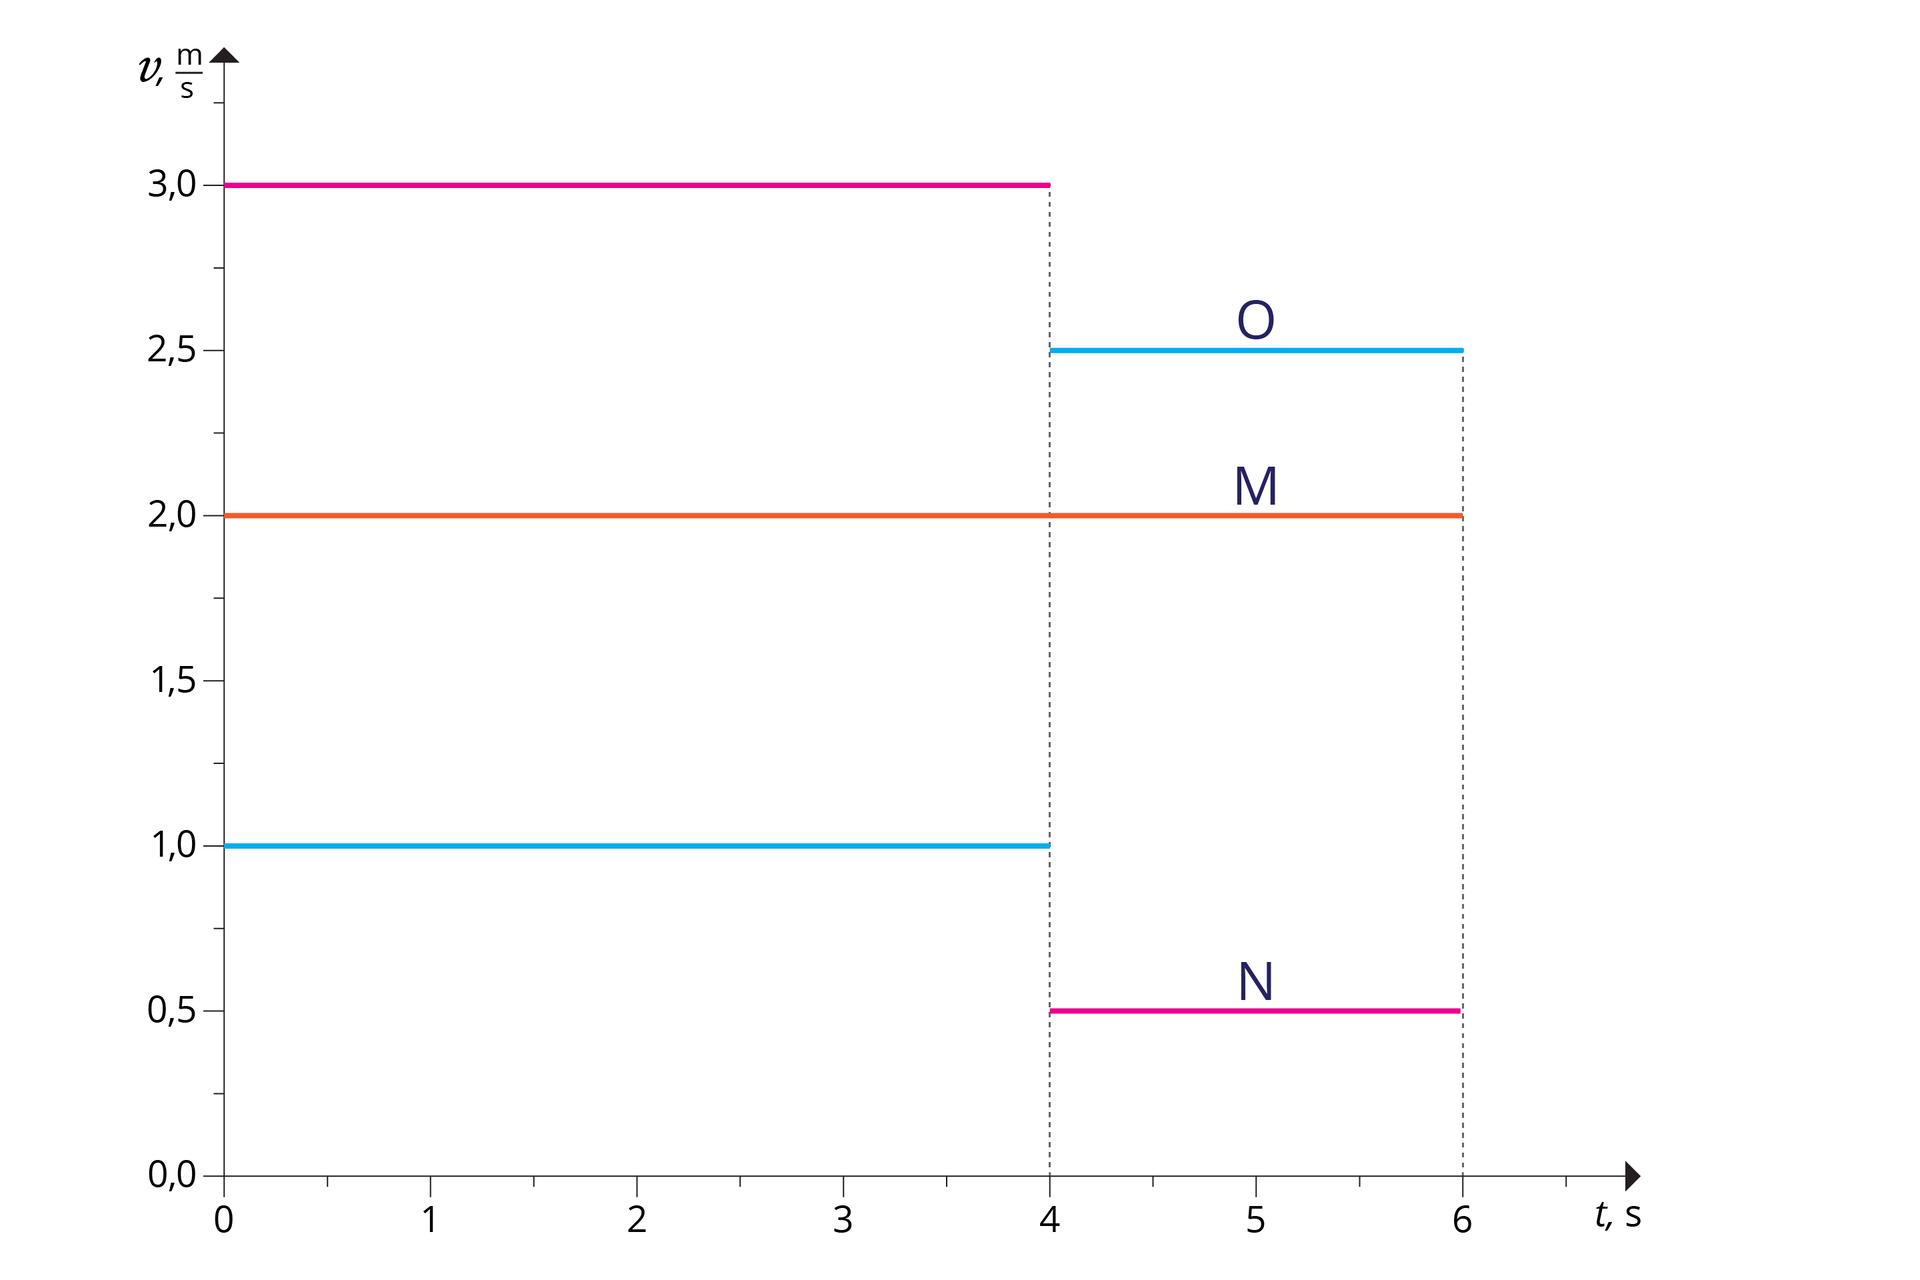 """Ilustracja przedstawia wykres zależności prędkości od czasu dla trzech ciał: O, M, N. O– kolor niebieski. M– kolor pomarańczowy. N– kolor różowy. Oś odcięty od 0 do 6, co 1, opisana """"t, s"""". Oś rzędnych od 0,0 do 3,0, co 0,5; opisana """"v, m/s"""". Wykres dla ciała Oskłada się zdwóch odcinków. Pierwszy: początek (0; 1) ikoniec (4; 1,0). Drugi: początek (4; 2,5) ikoniec 6; 2,5). Wykres dla ciała Mskłada się zjednego odcinka. Początek (0; 2,0) ikoniec (6; 2,0). Wykres dla ciała Nskłada się zdwóch odcinków. Pierwszy: początek (0; 3,0) ikoniec (4; 3,0). Drugi: początek (4; 0,5) ikoniec 6; 0,5)."""